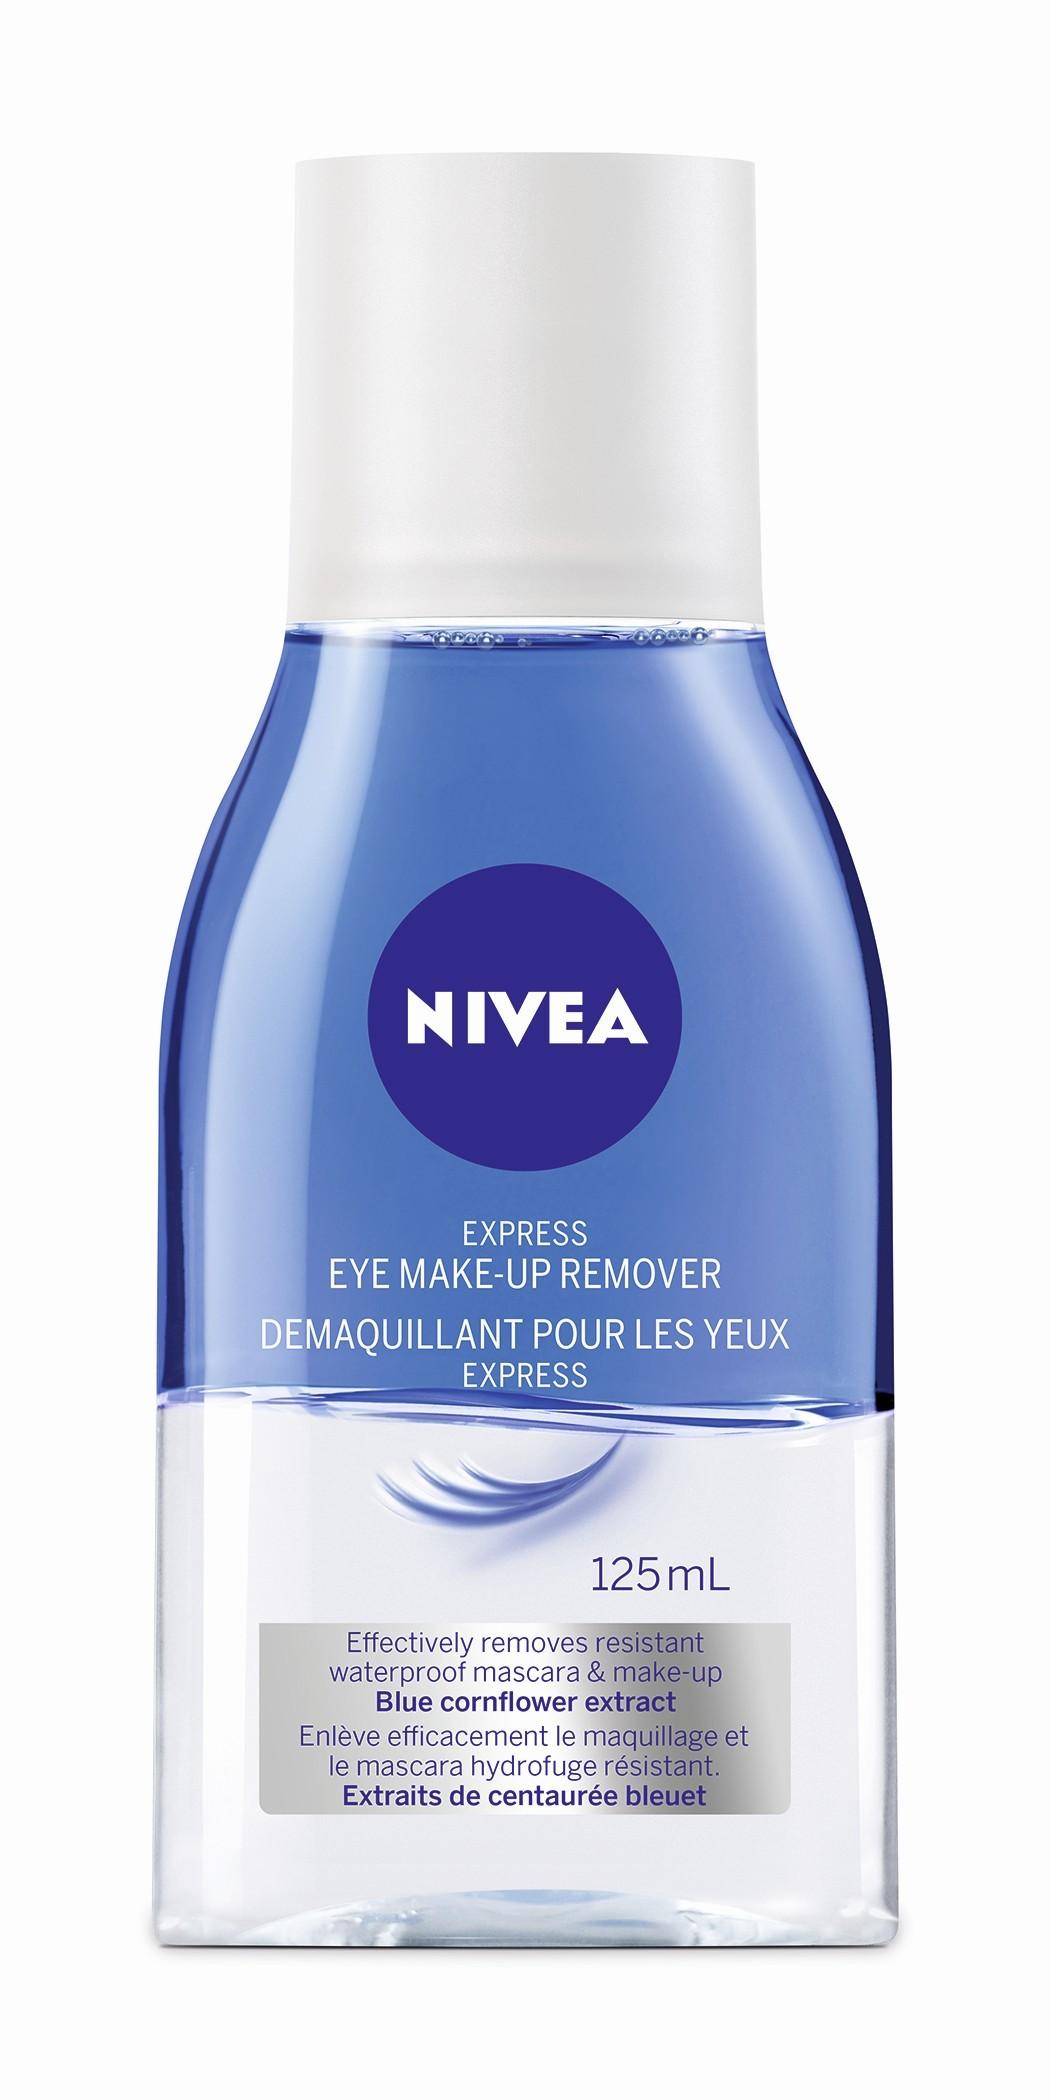 nivea express eye make up remover reviews in eye makeup. Black Bedroom Furniture Sets. Home Design Ideas